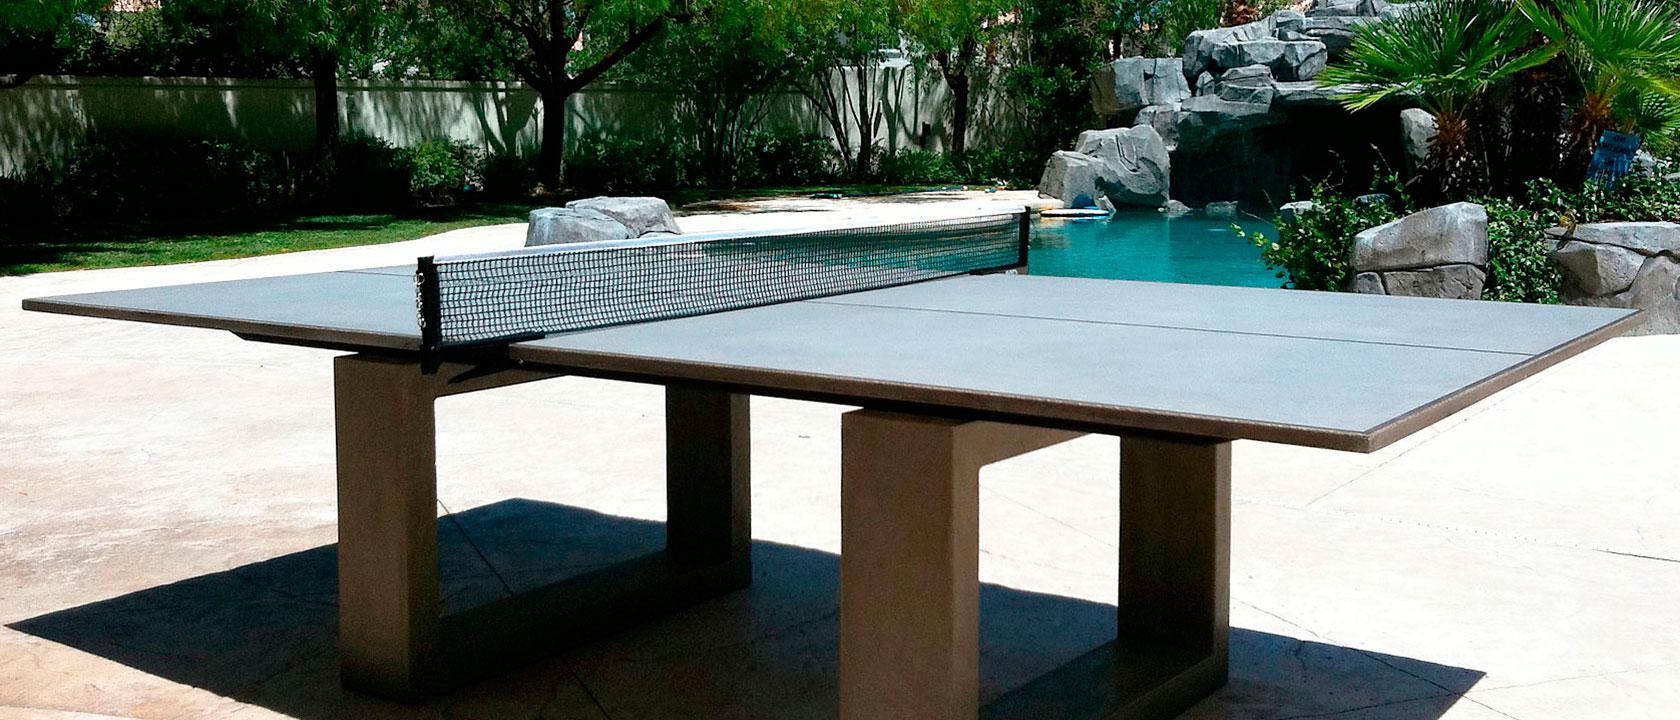 Mesas de ping pong de dise o hechas de hormig n mesas de for Mesa de ping pong milanuncios